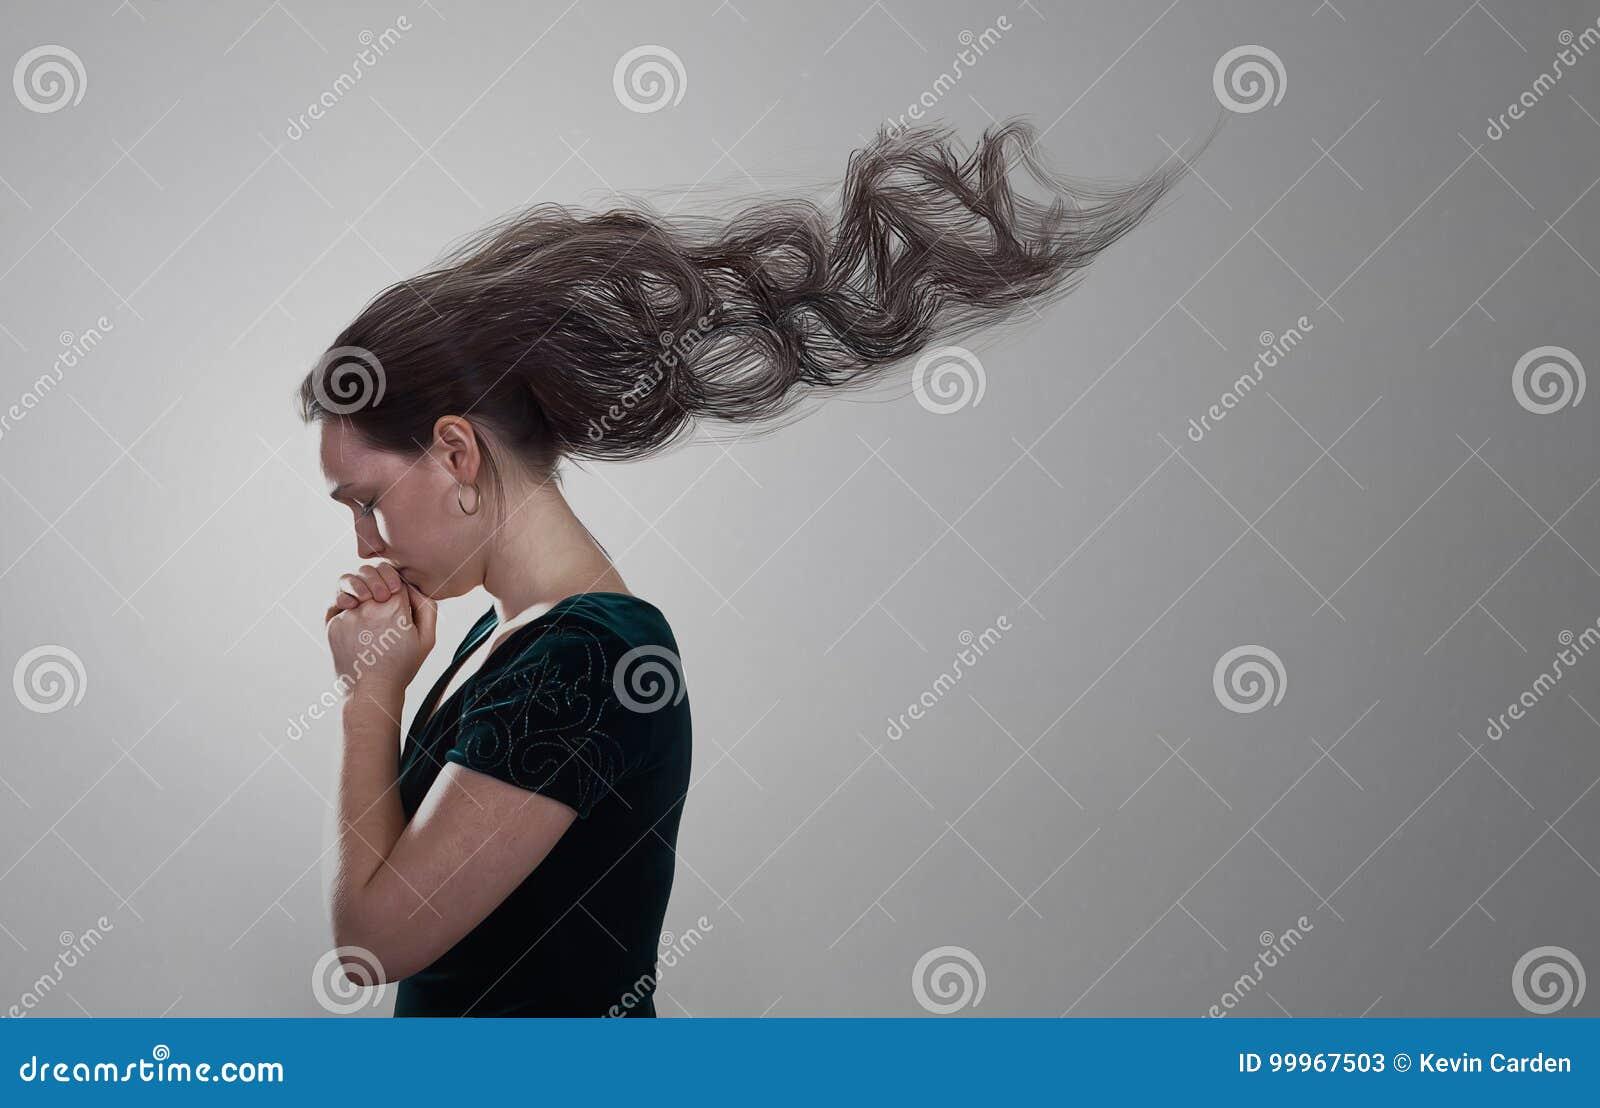 Kobiety modlenie z włosy